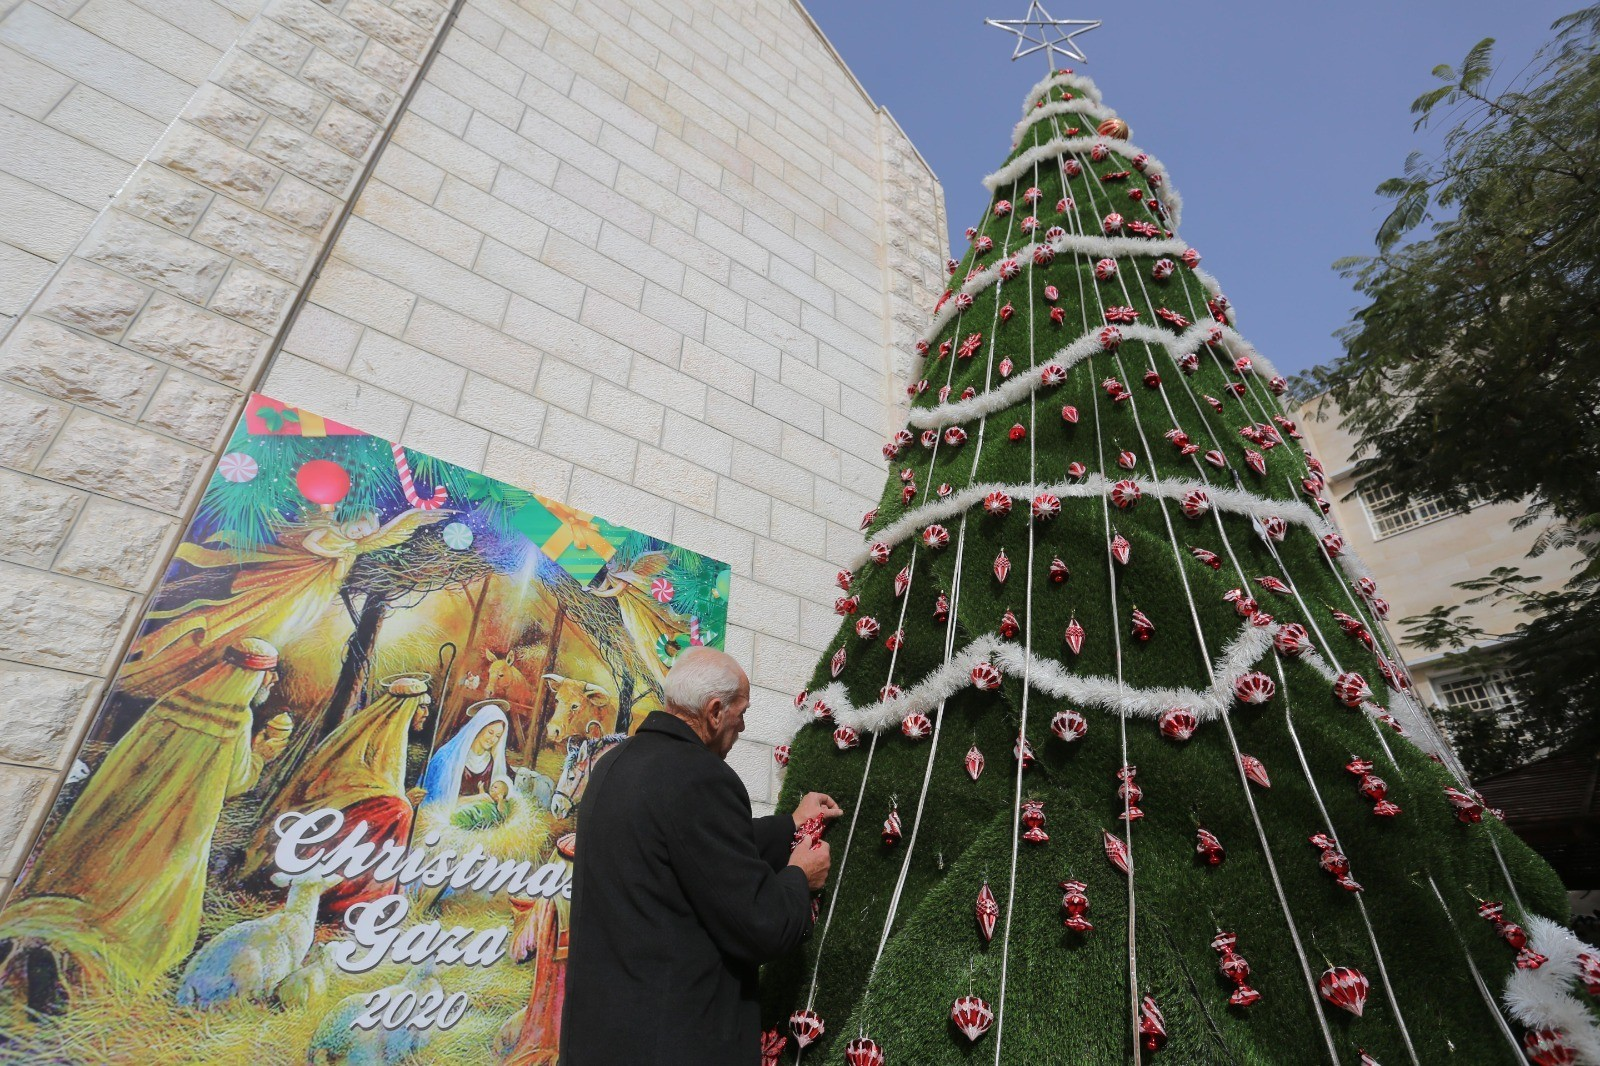 المسيحيون يحتفلون بعيد الميلاد المجيد في غزة وفق التقويم الغربي